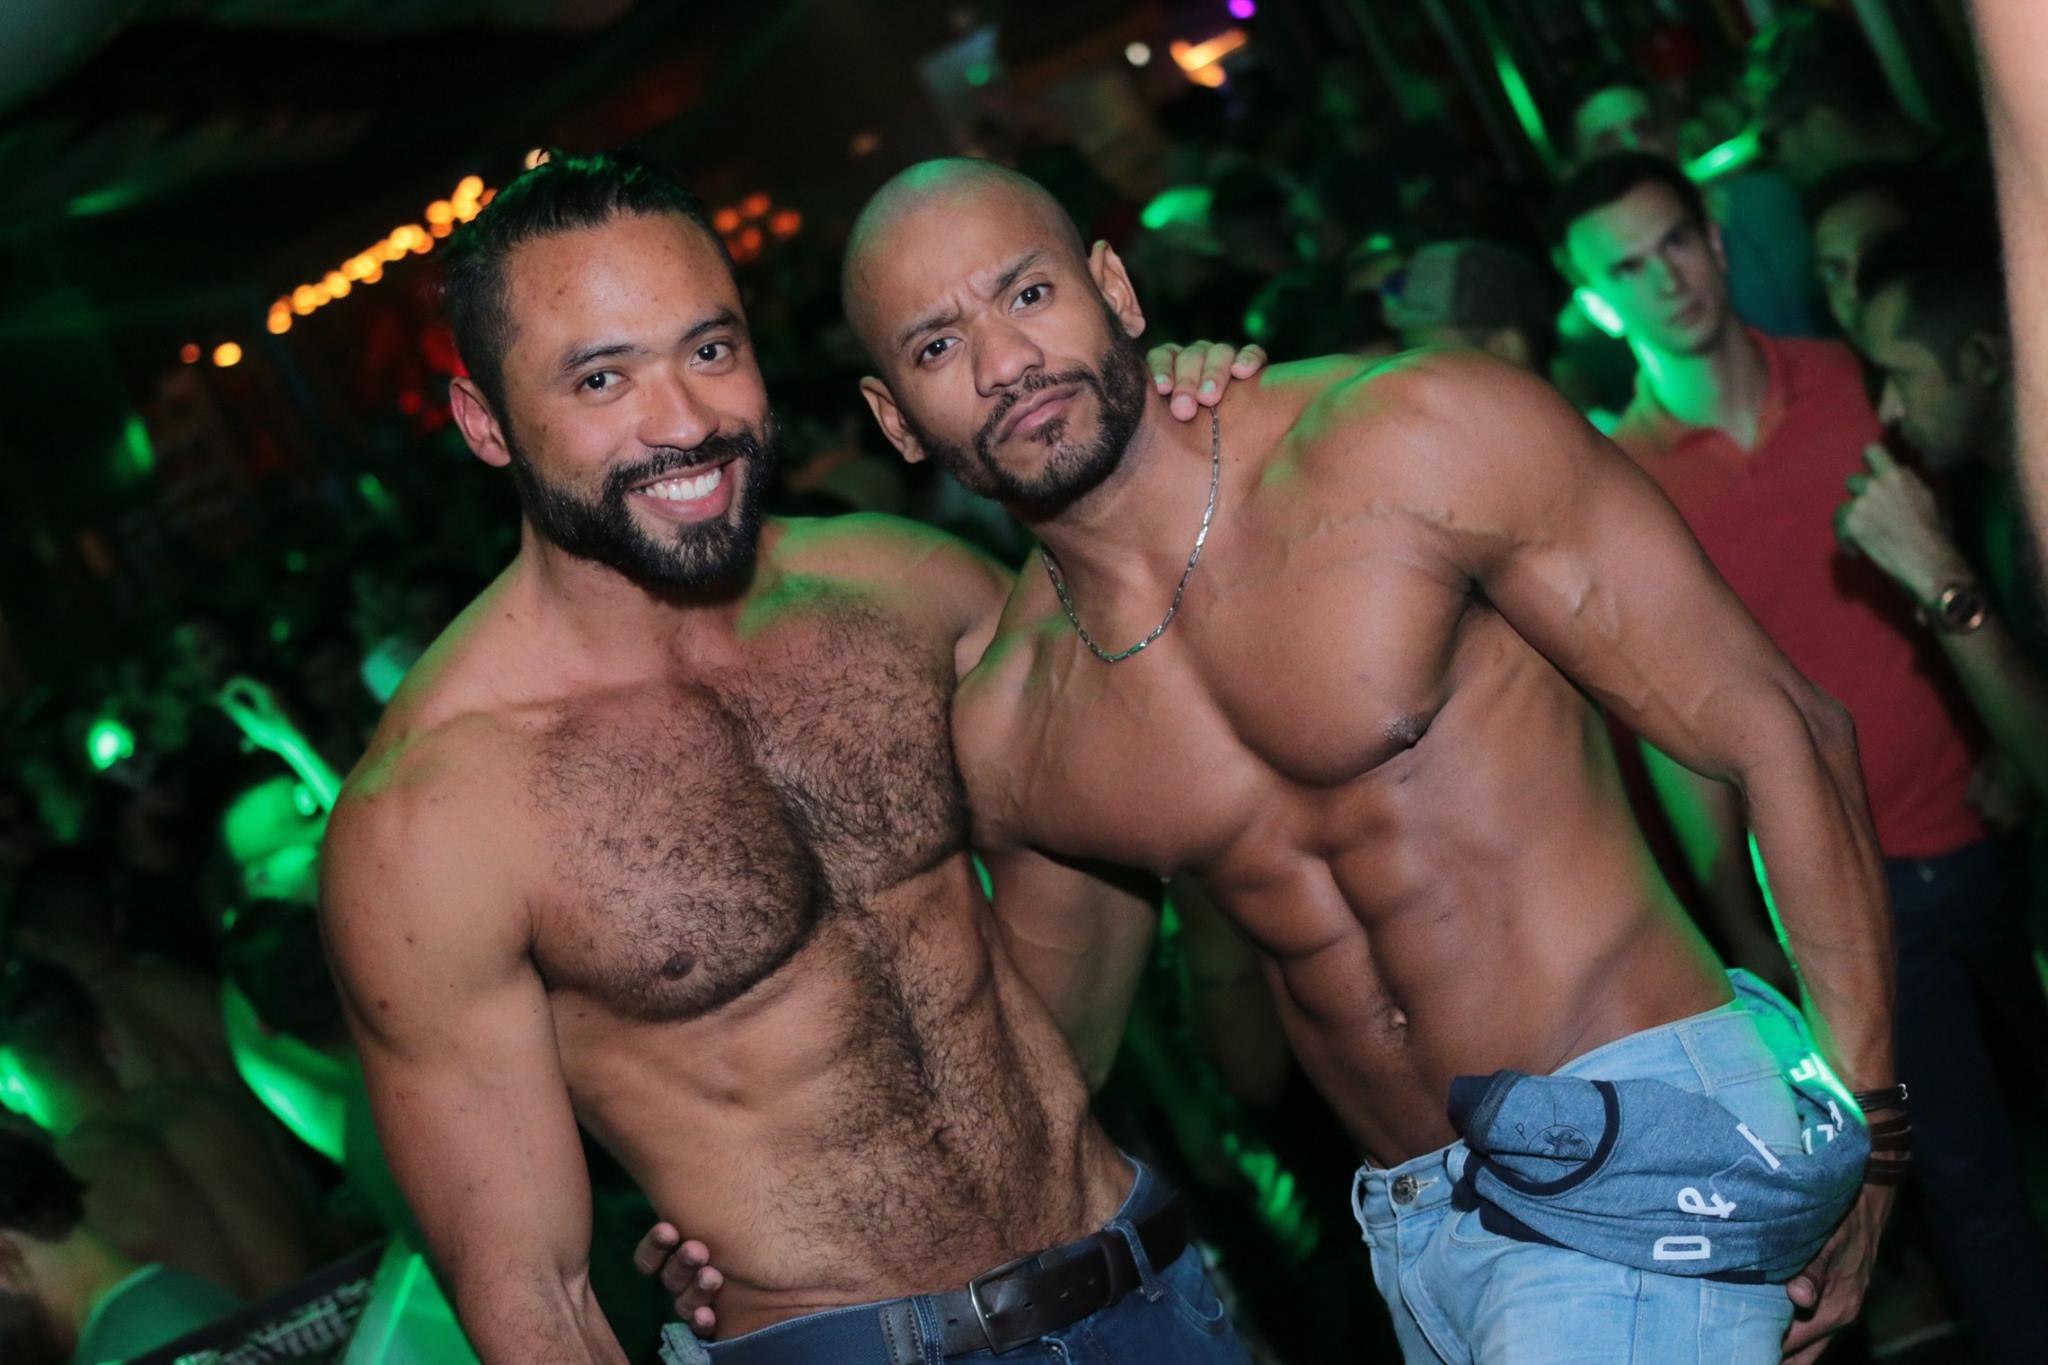 Festa gay Barbado estreia em Belo Horizonte